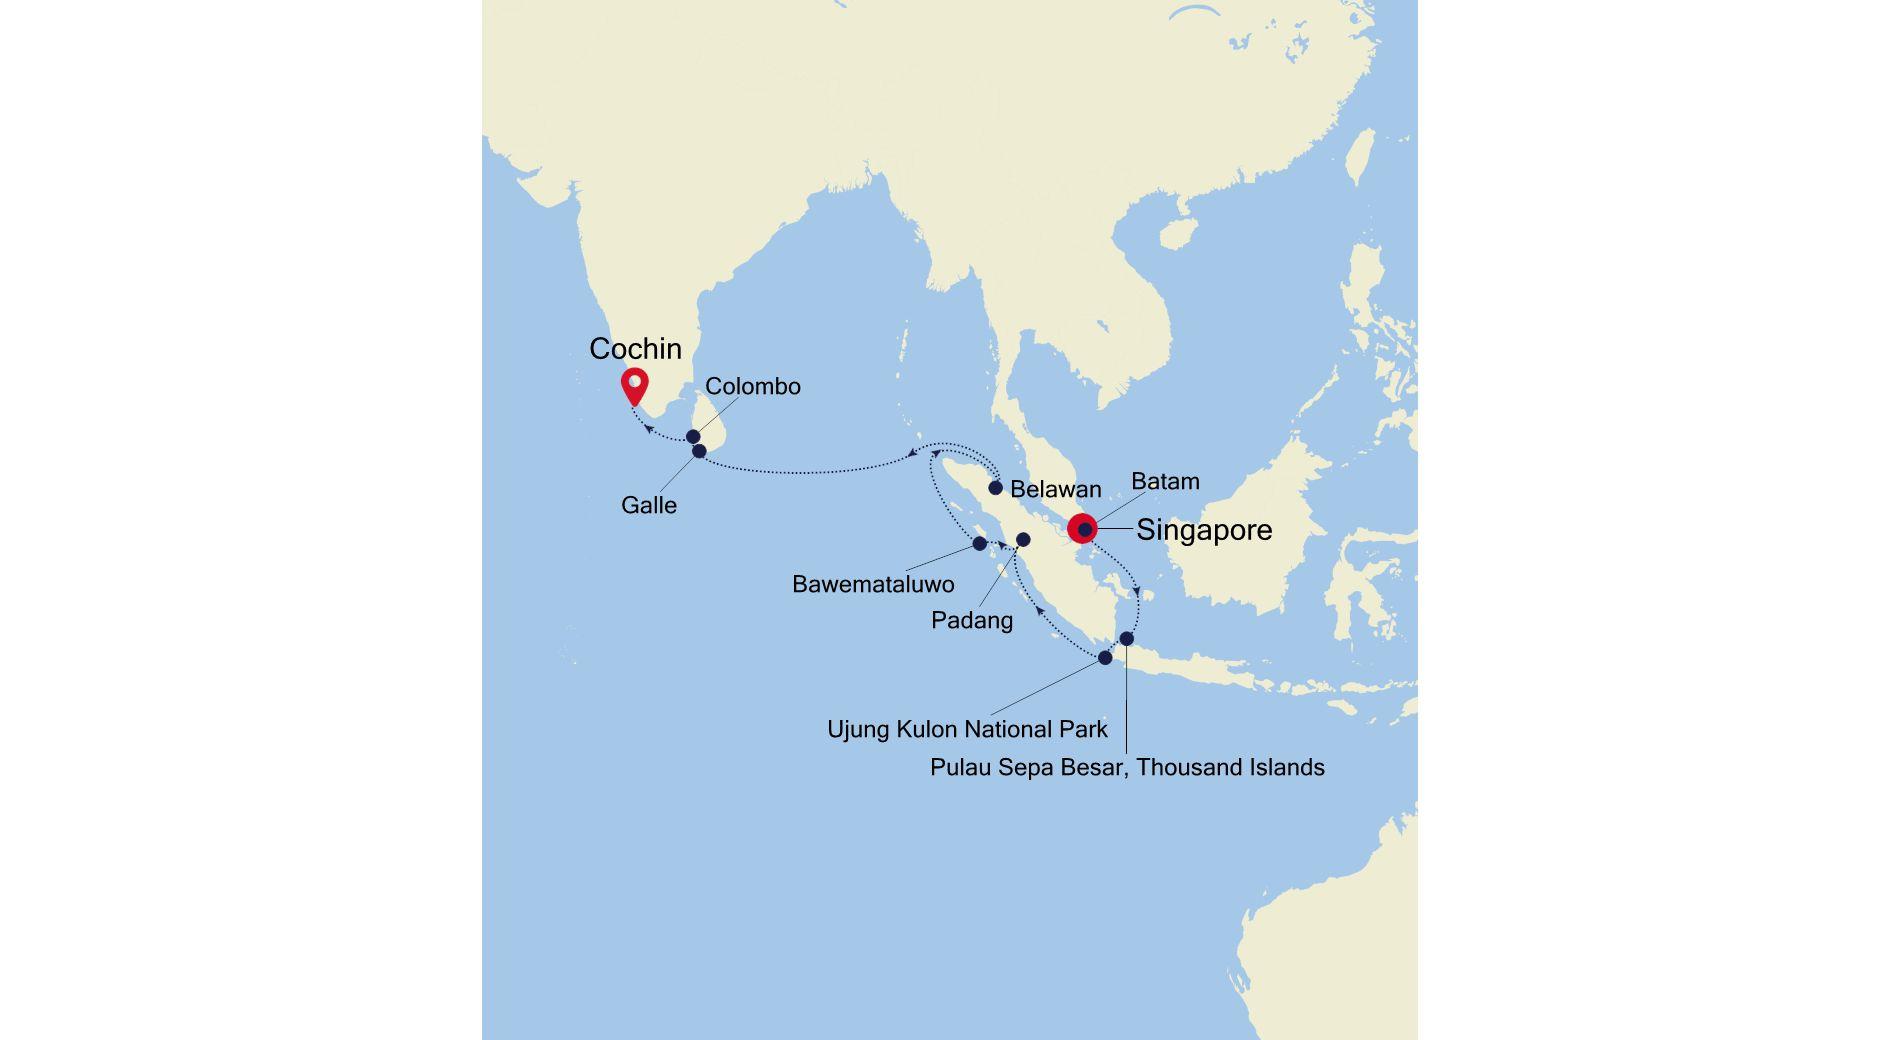 E4220423016 - Singapore a Cochin